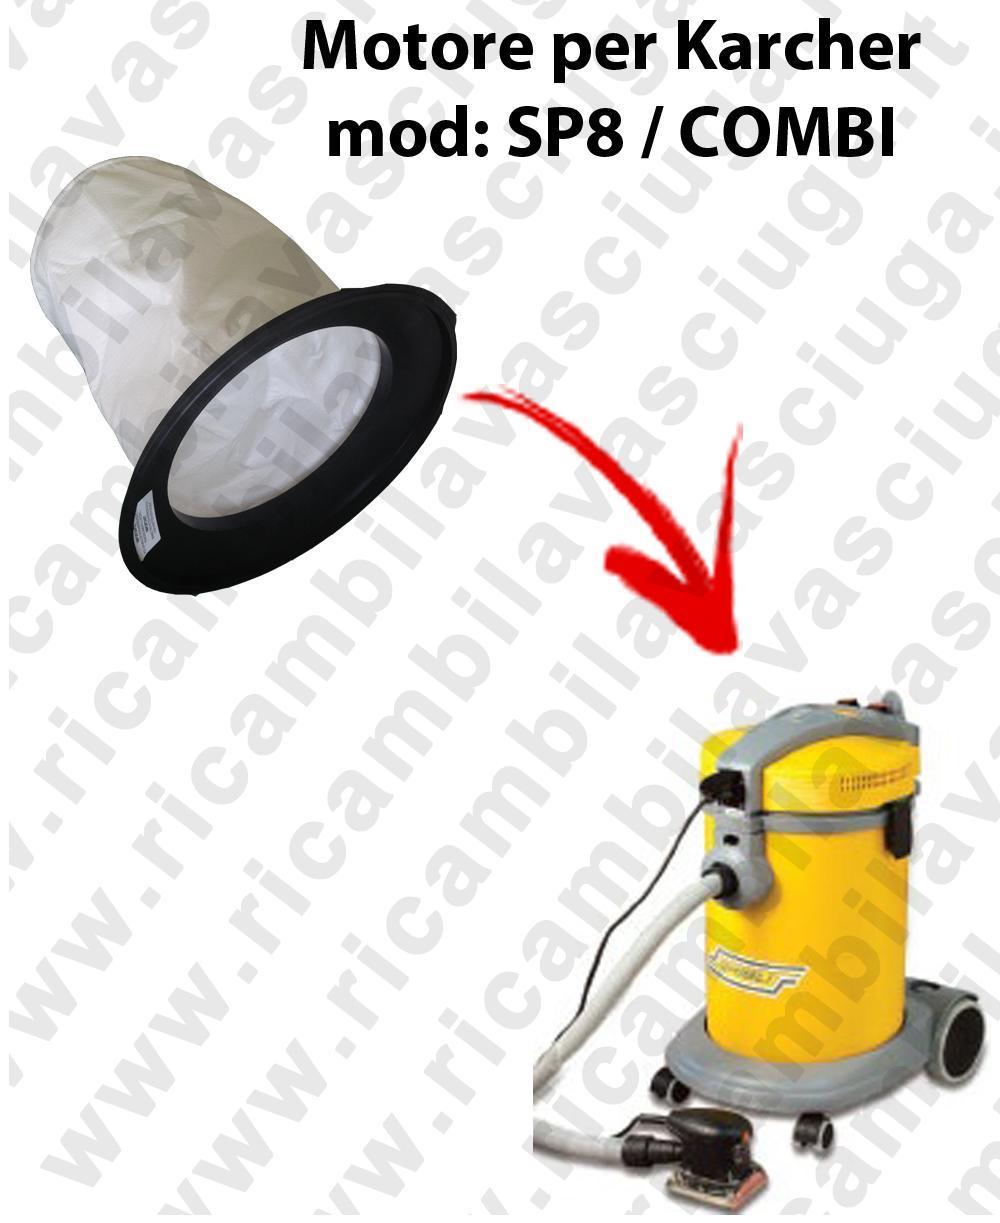 Filtro de tela para aspiradora GHIBLI modelo SP 8 / COMBI